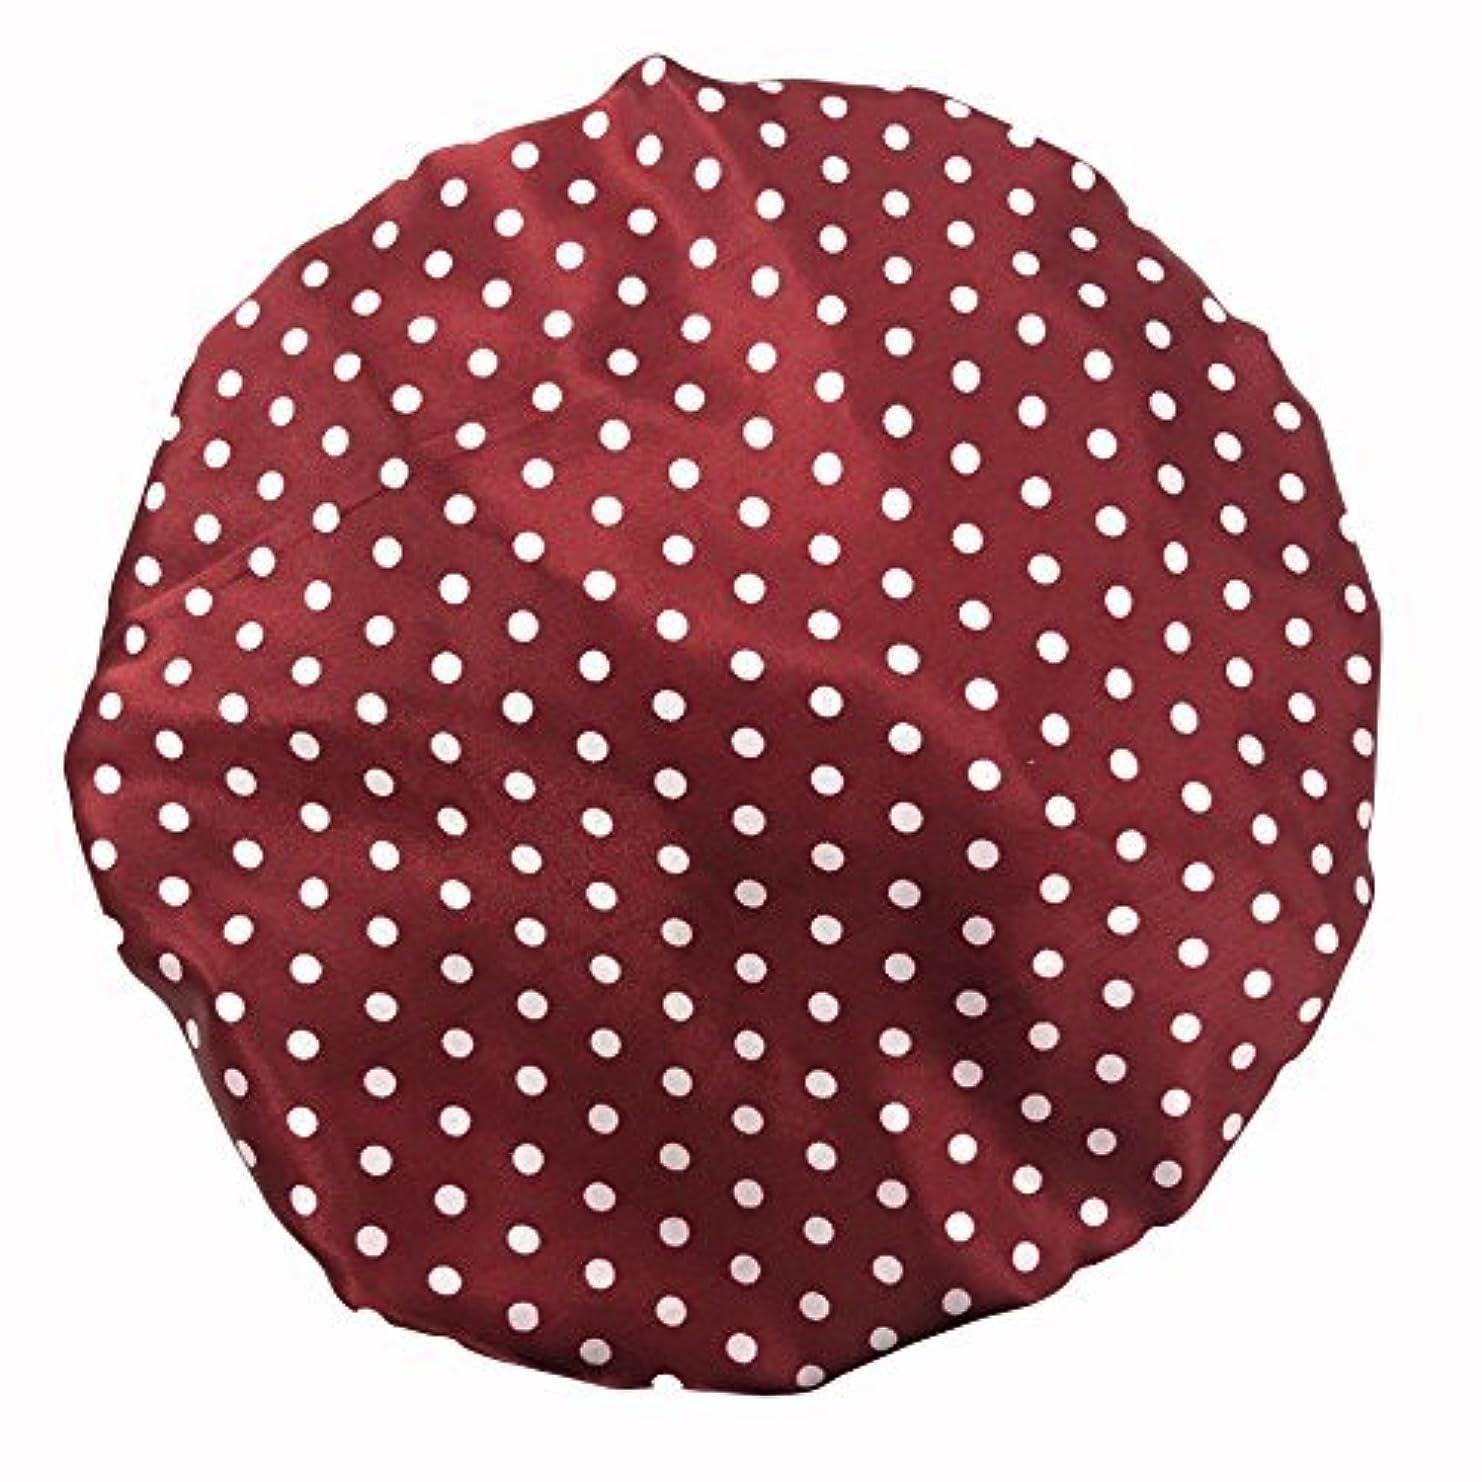 メイン移動ユーザーMaltose 化粧帽 ダブル防水シャワーキャップ ヘアキャップ お風呂上がり バス用品 浴びる 強い防水性 2枚セット